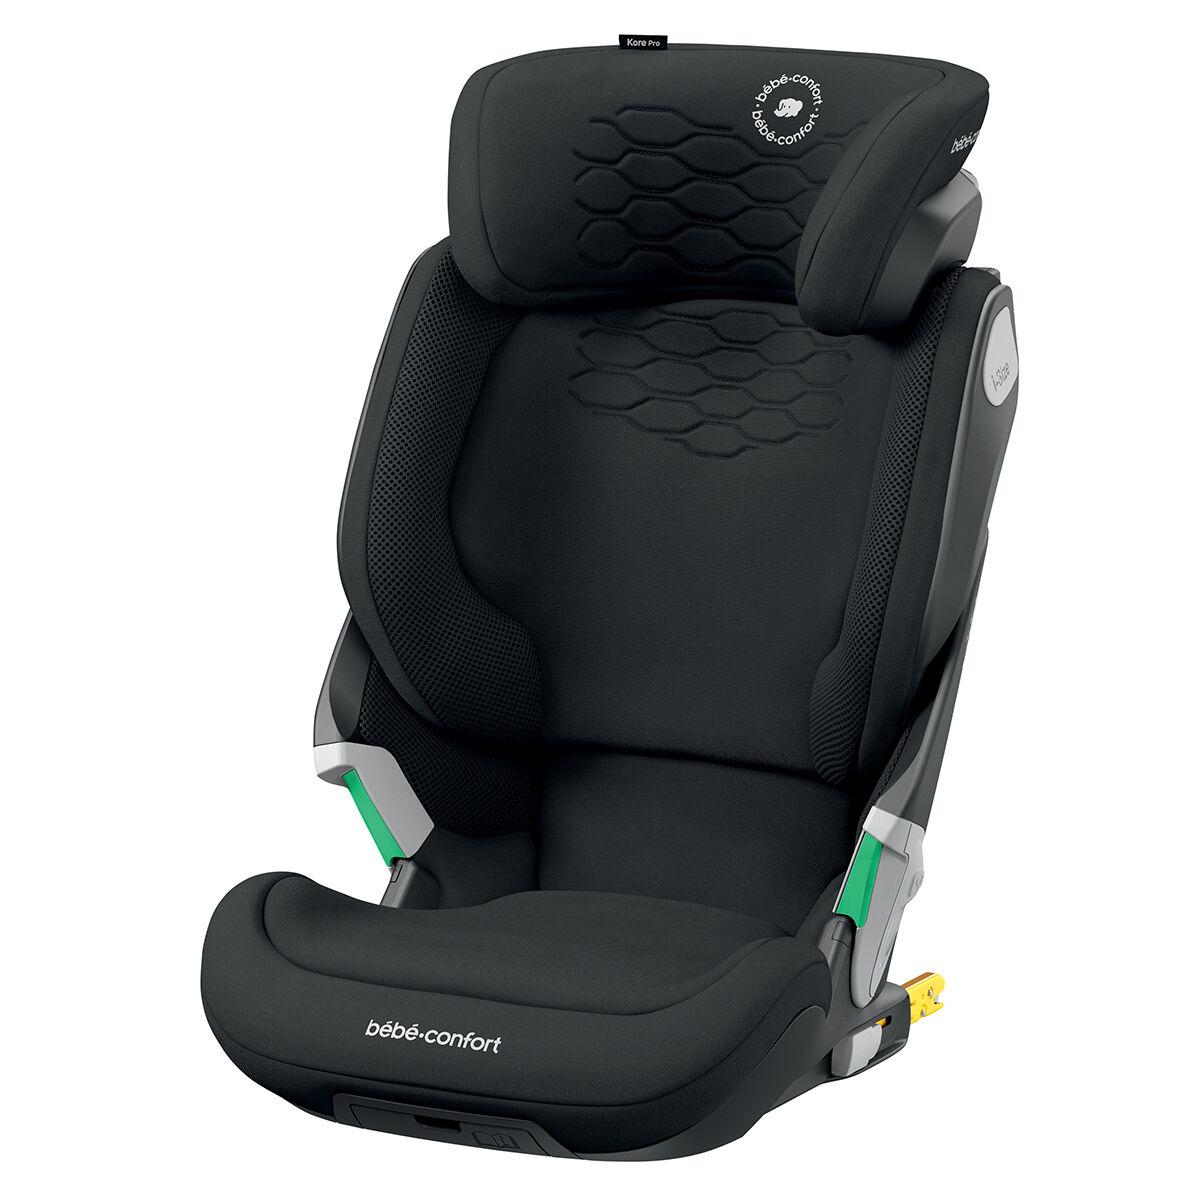 Bébé Confort Siège Auto Kore Pro i-Size Groupe 2/3 - Authentic Black